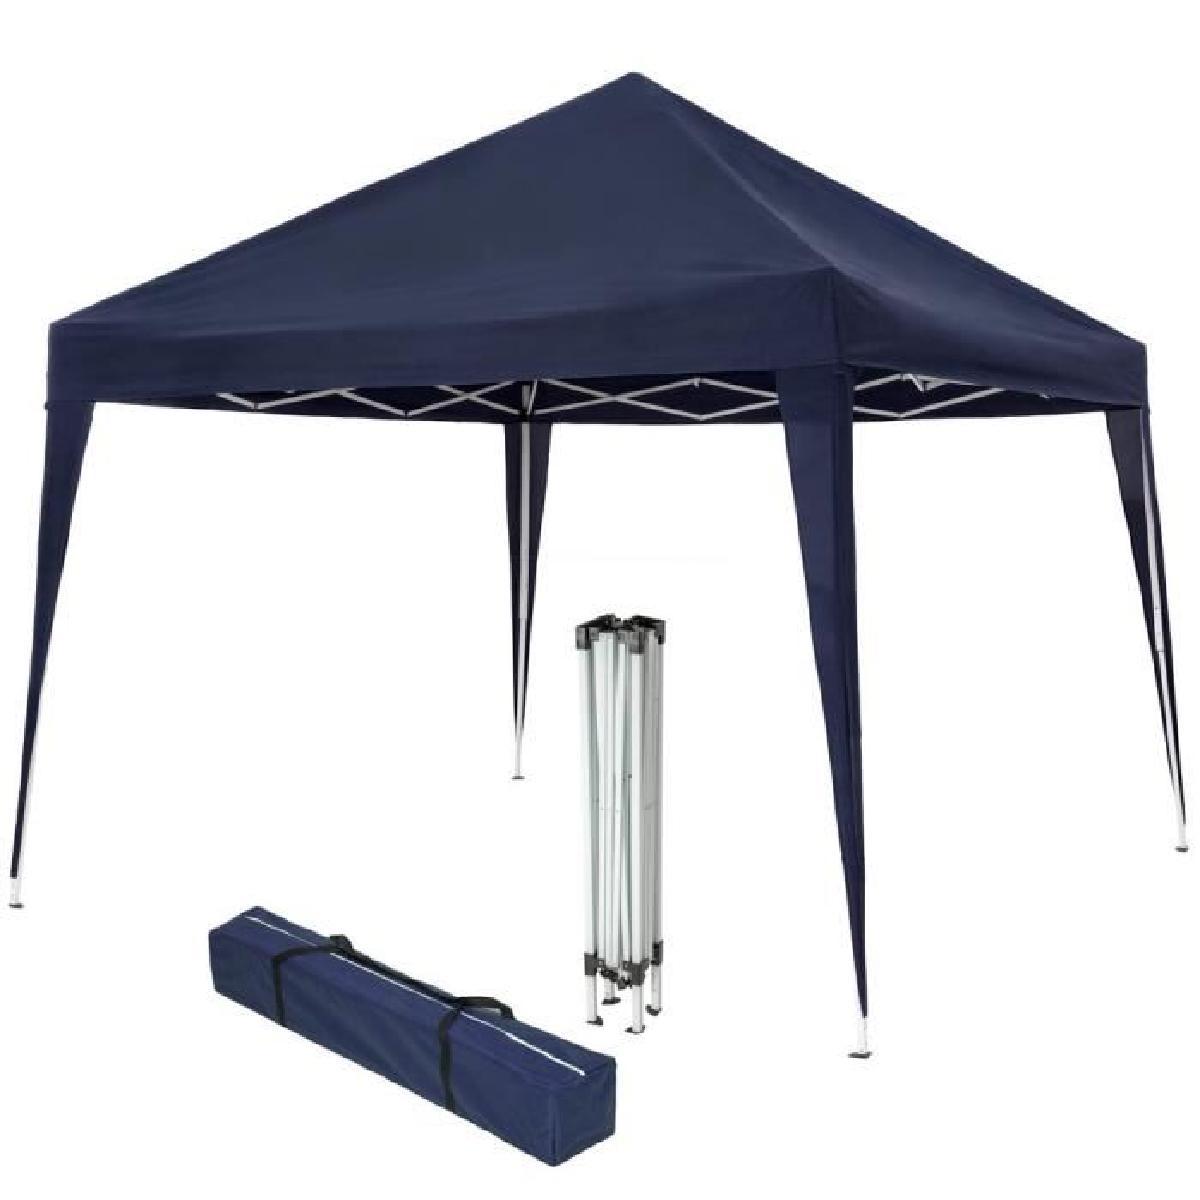 Tonnelle Parapluie Gifi Beau Photos Tente De Reception Gifi Housse De Chaise Extensible Gifi New Tente